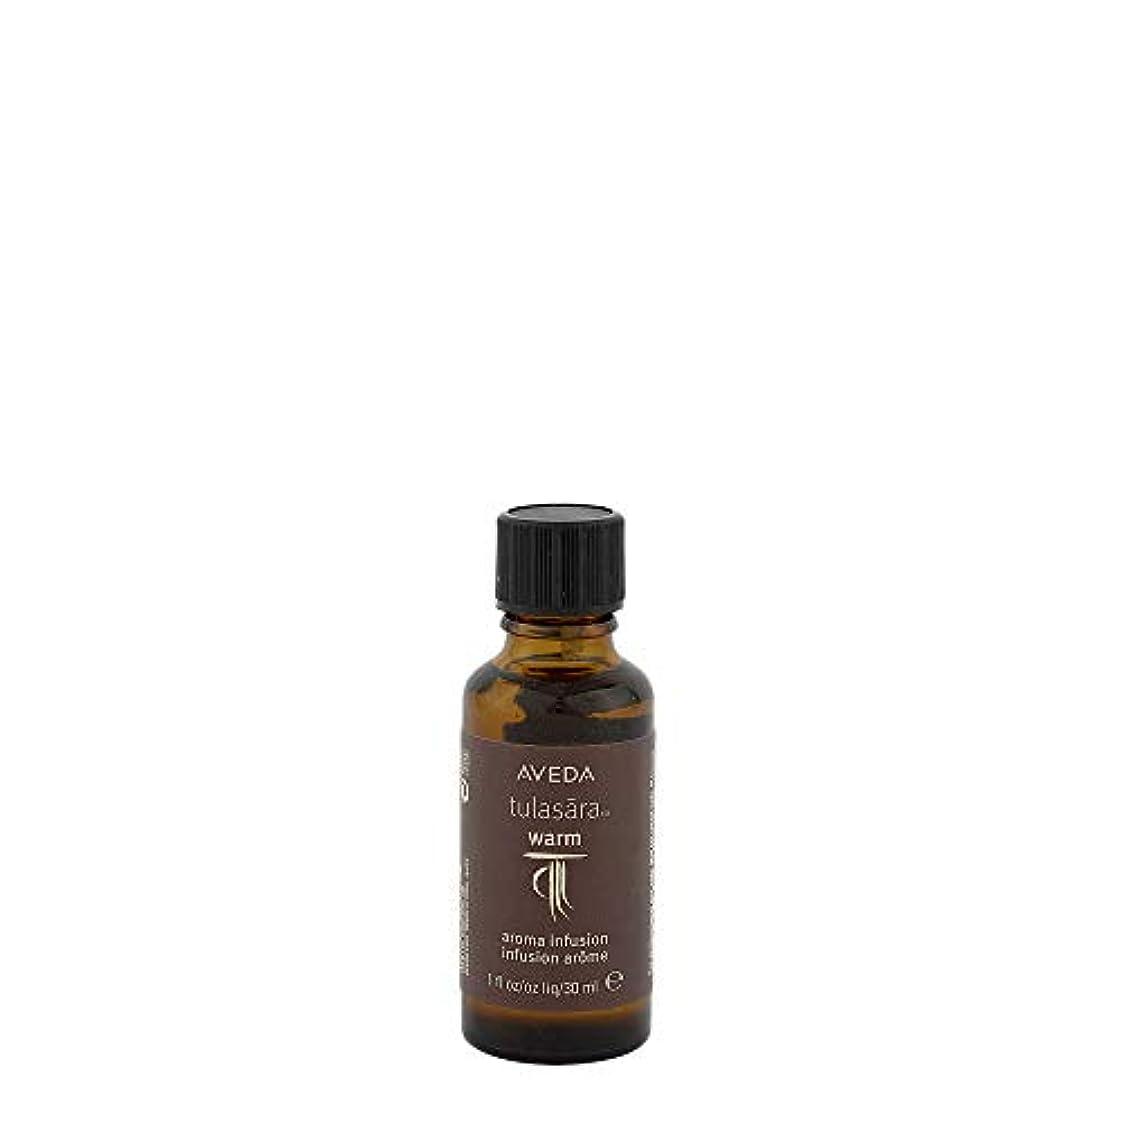 悲観的数字モールアヴェダ Tulasara Warm Aroma Infusion (Professional Product) 30ml/1oz並行輸入品